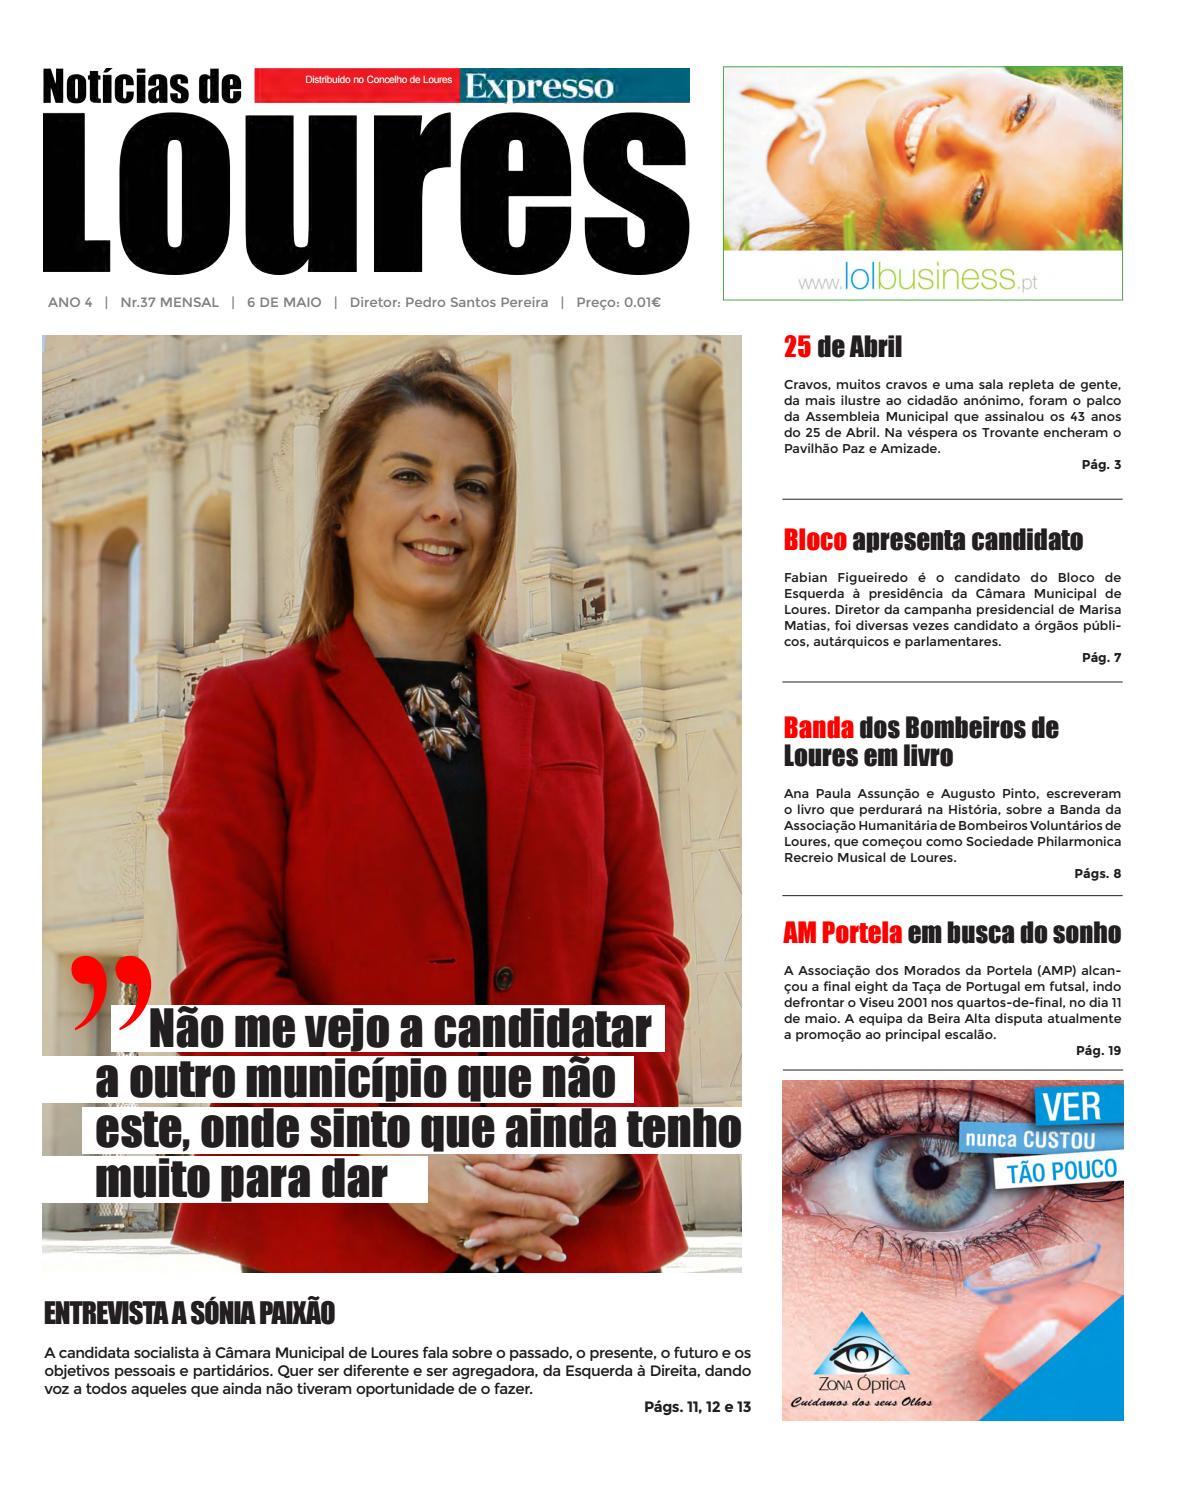 cb0ebf7f6 NL 37 by NL - Notícias de Loures - issuu